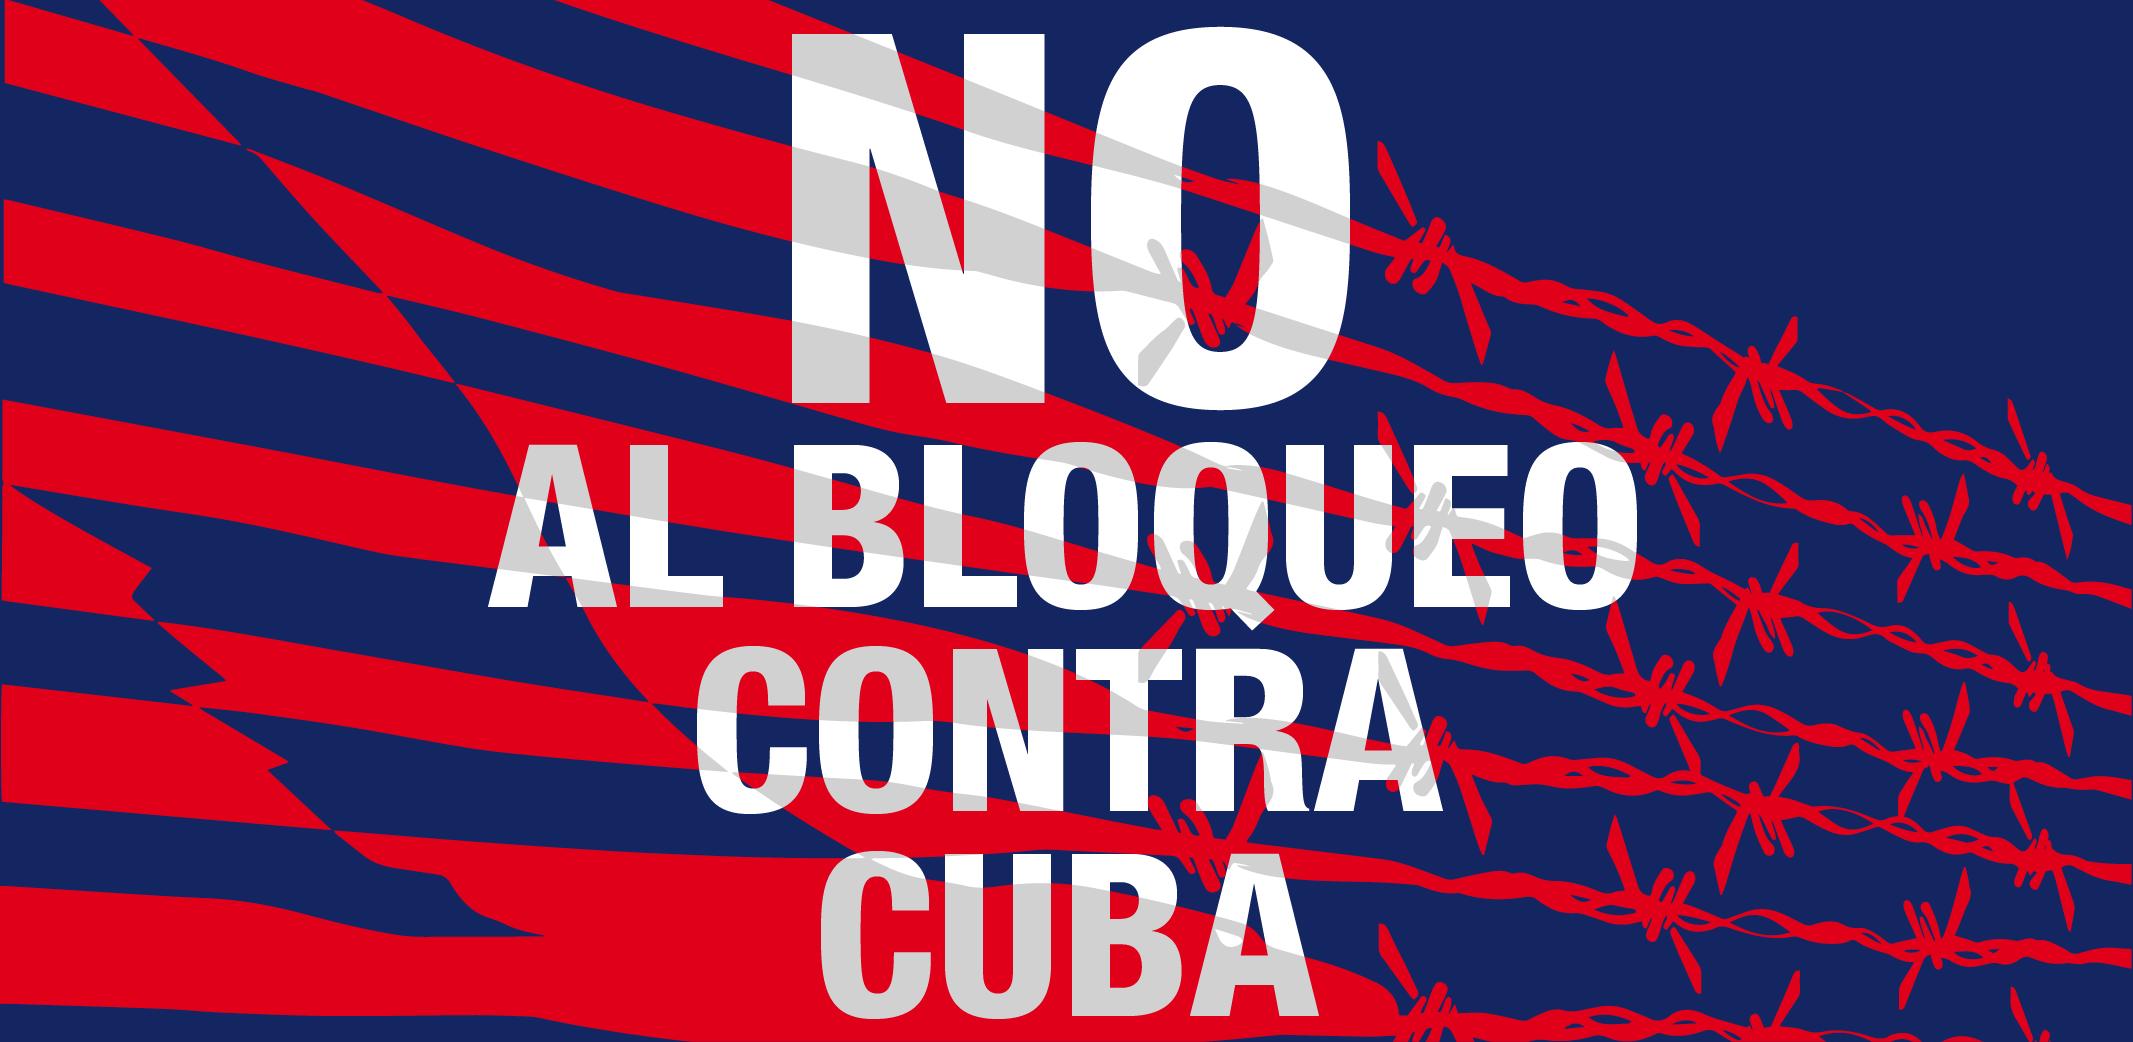 Prensa egipcia resalta posición de Cuba ante bloqueo estadounidense